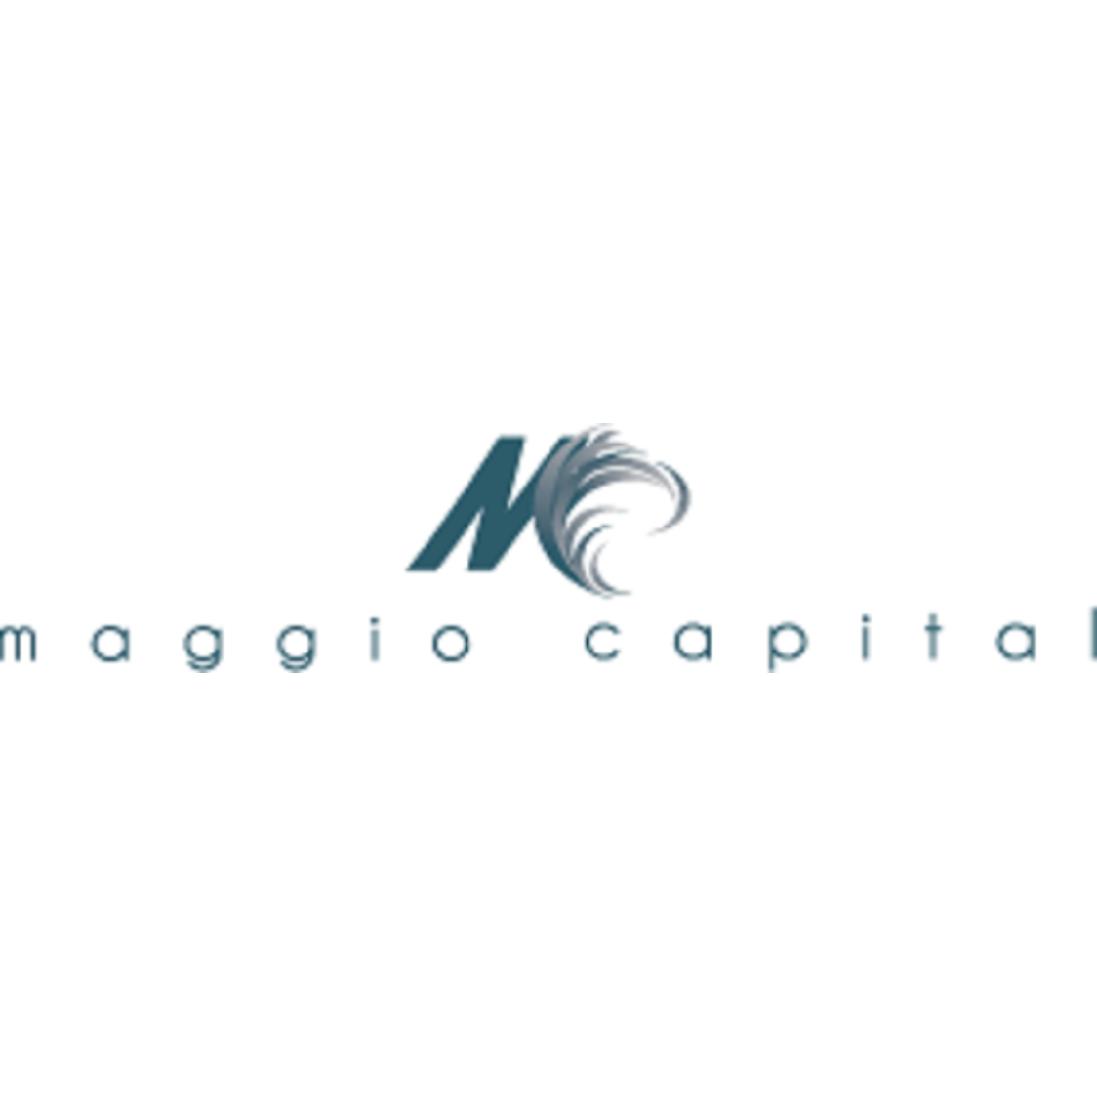 Maggio Capital